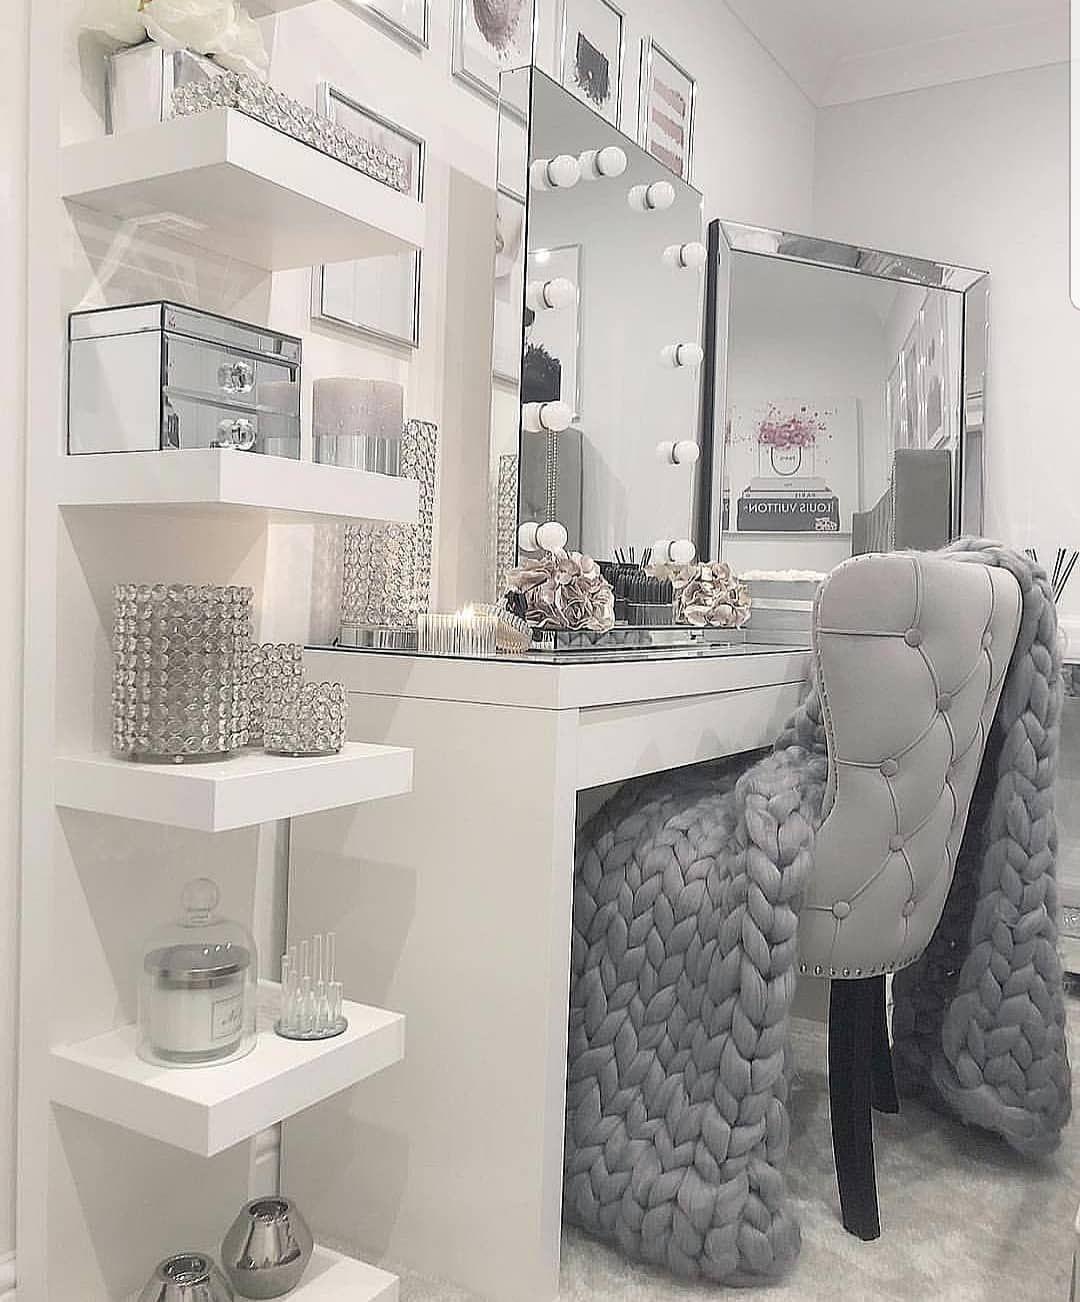 Home Design On Instagram Credit No40 Home Renovation